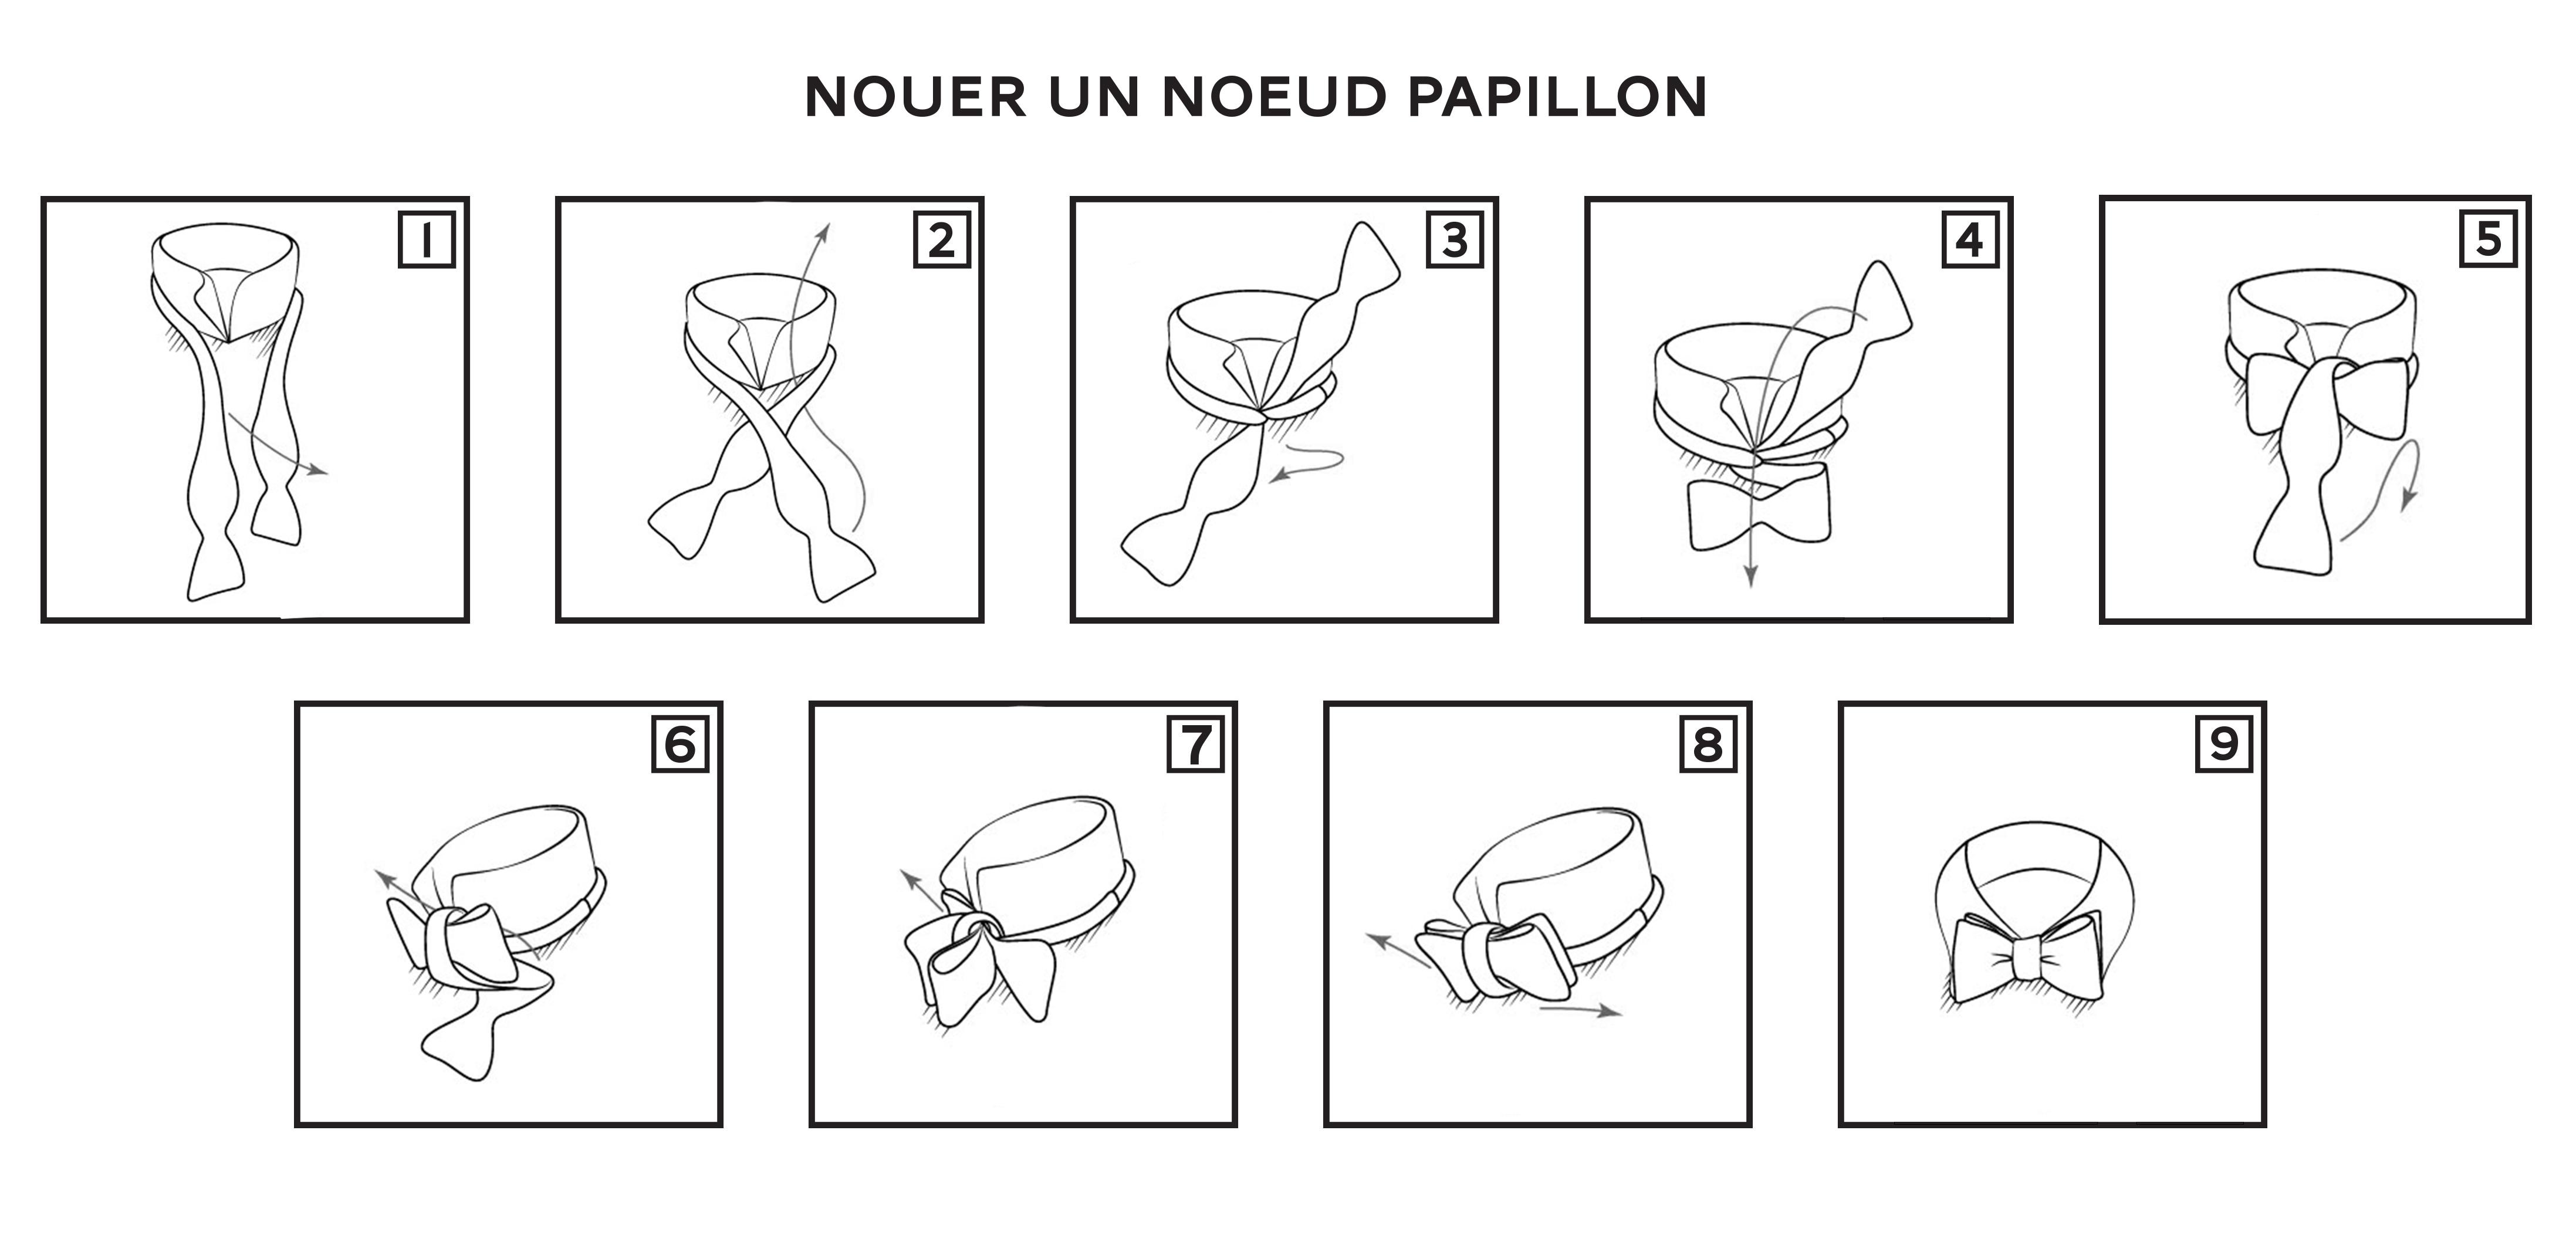 Comment nouer un noeud papillon pochette square - Nouer un noeud papillon ...